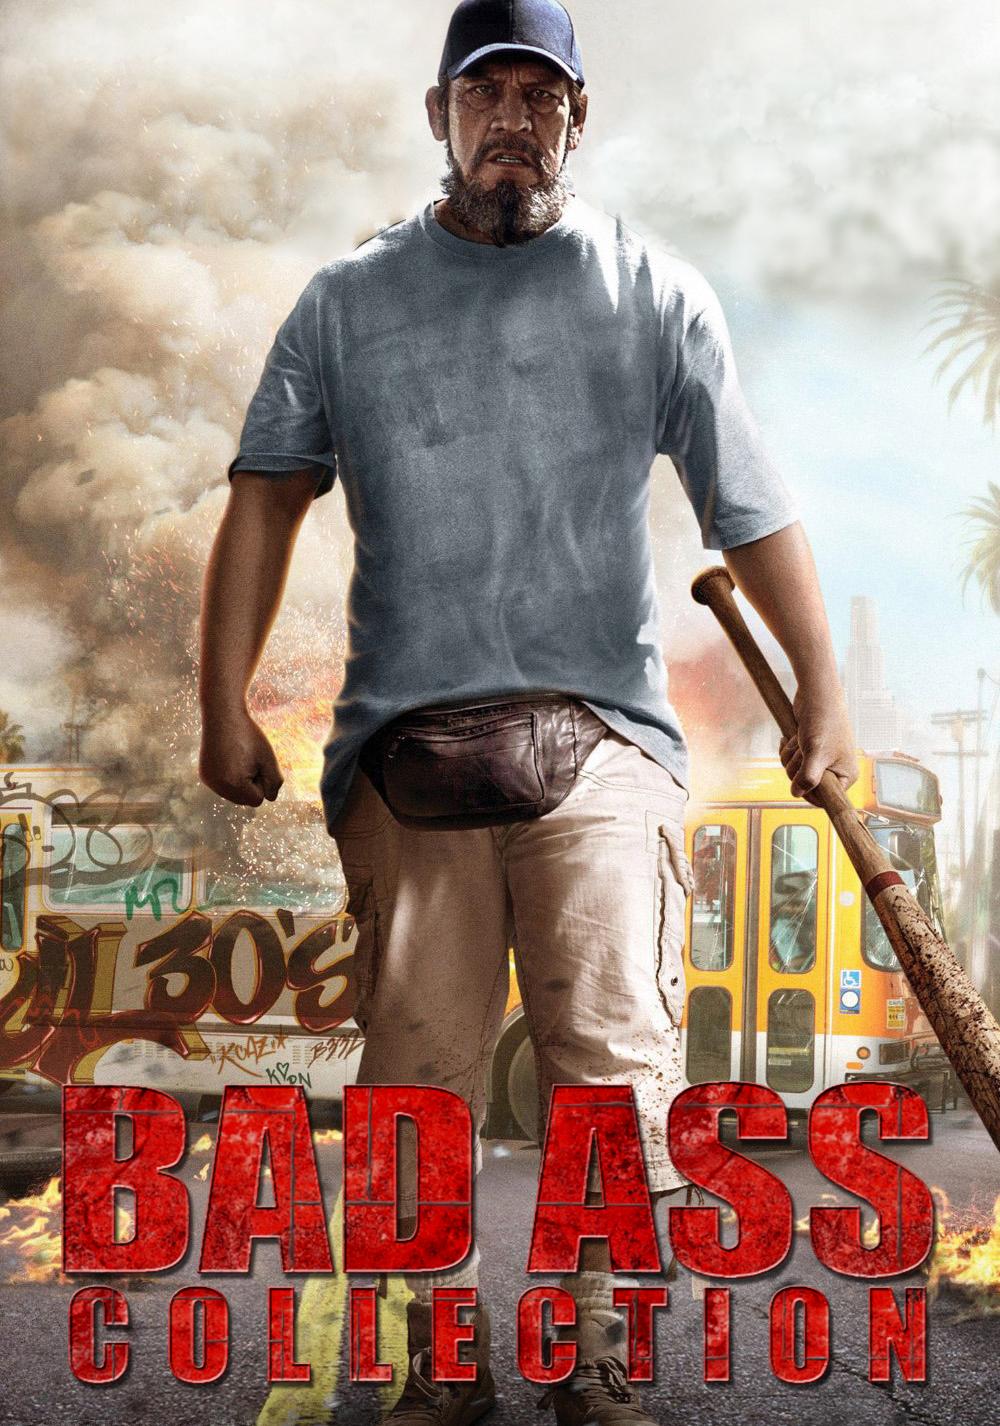 Bad Ass übersetzung